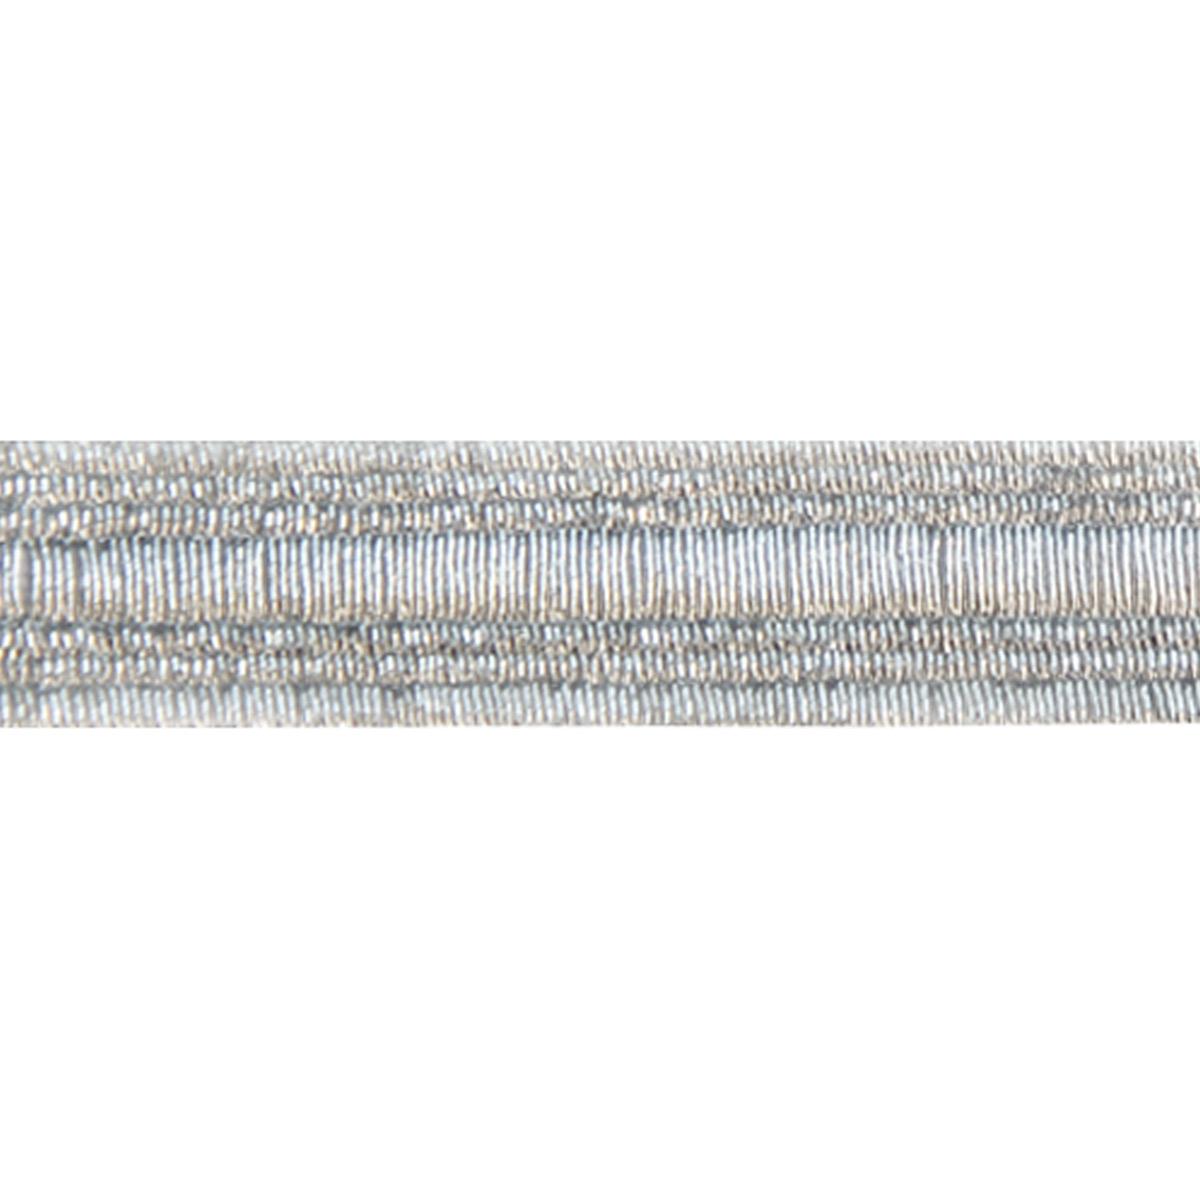 M1 Тесьма металлизированная, 6 мм*16 м, 'Астра'